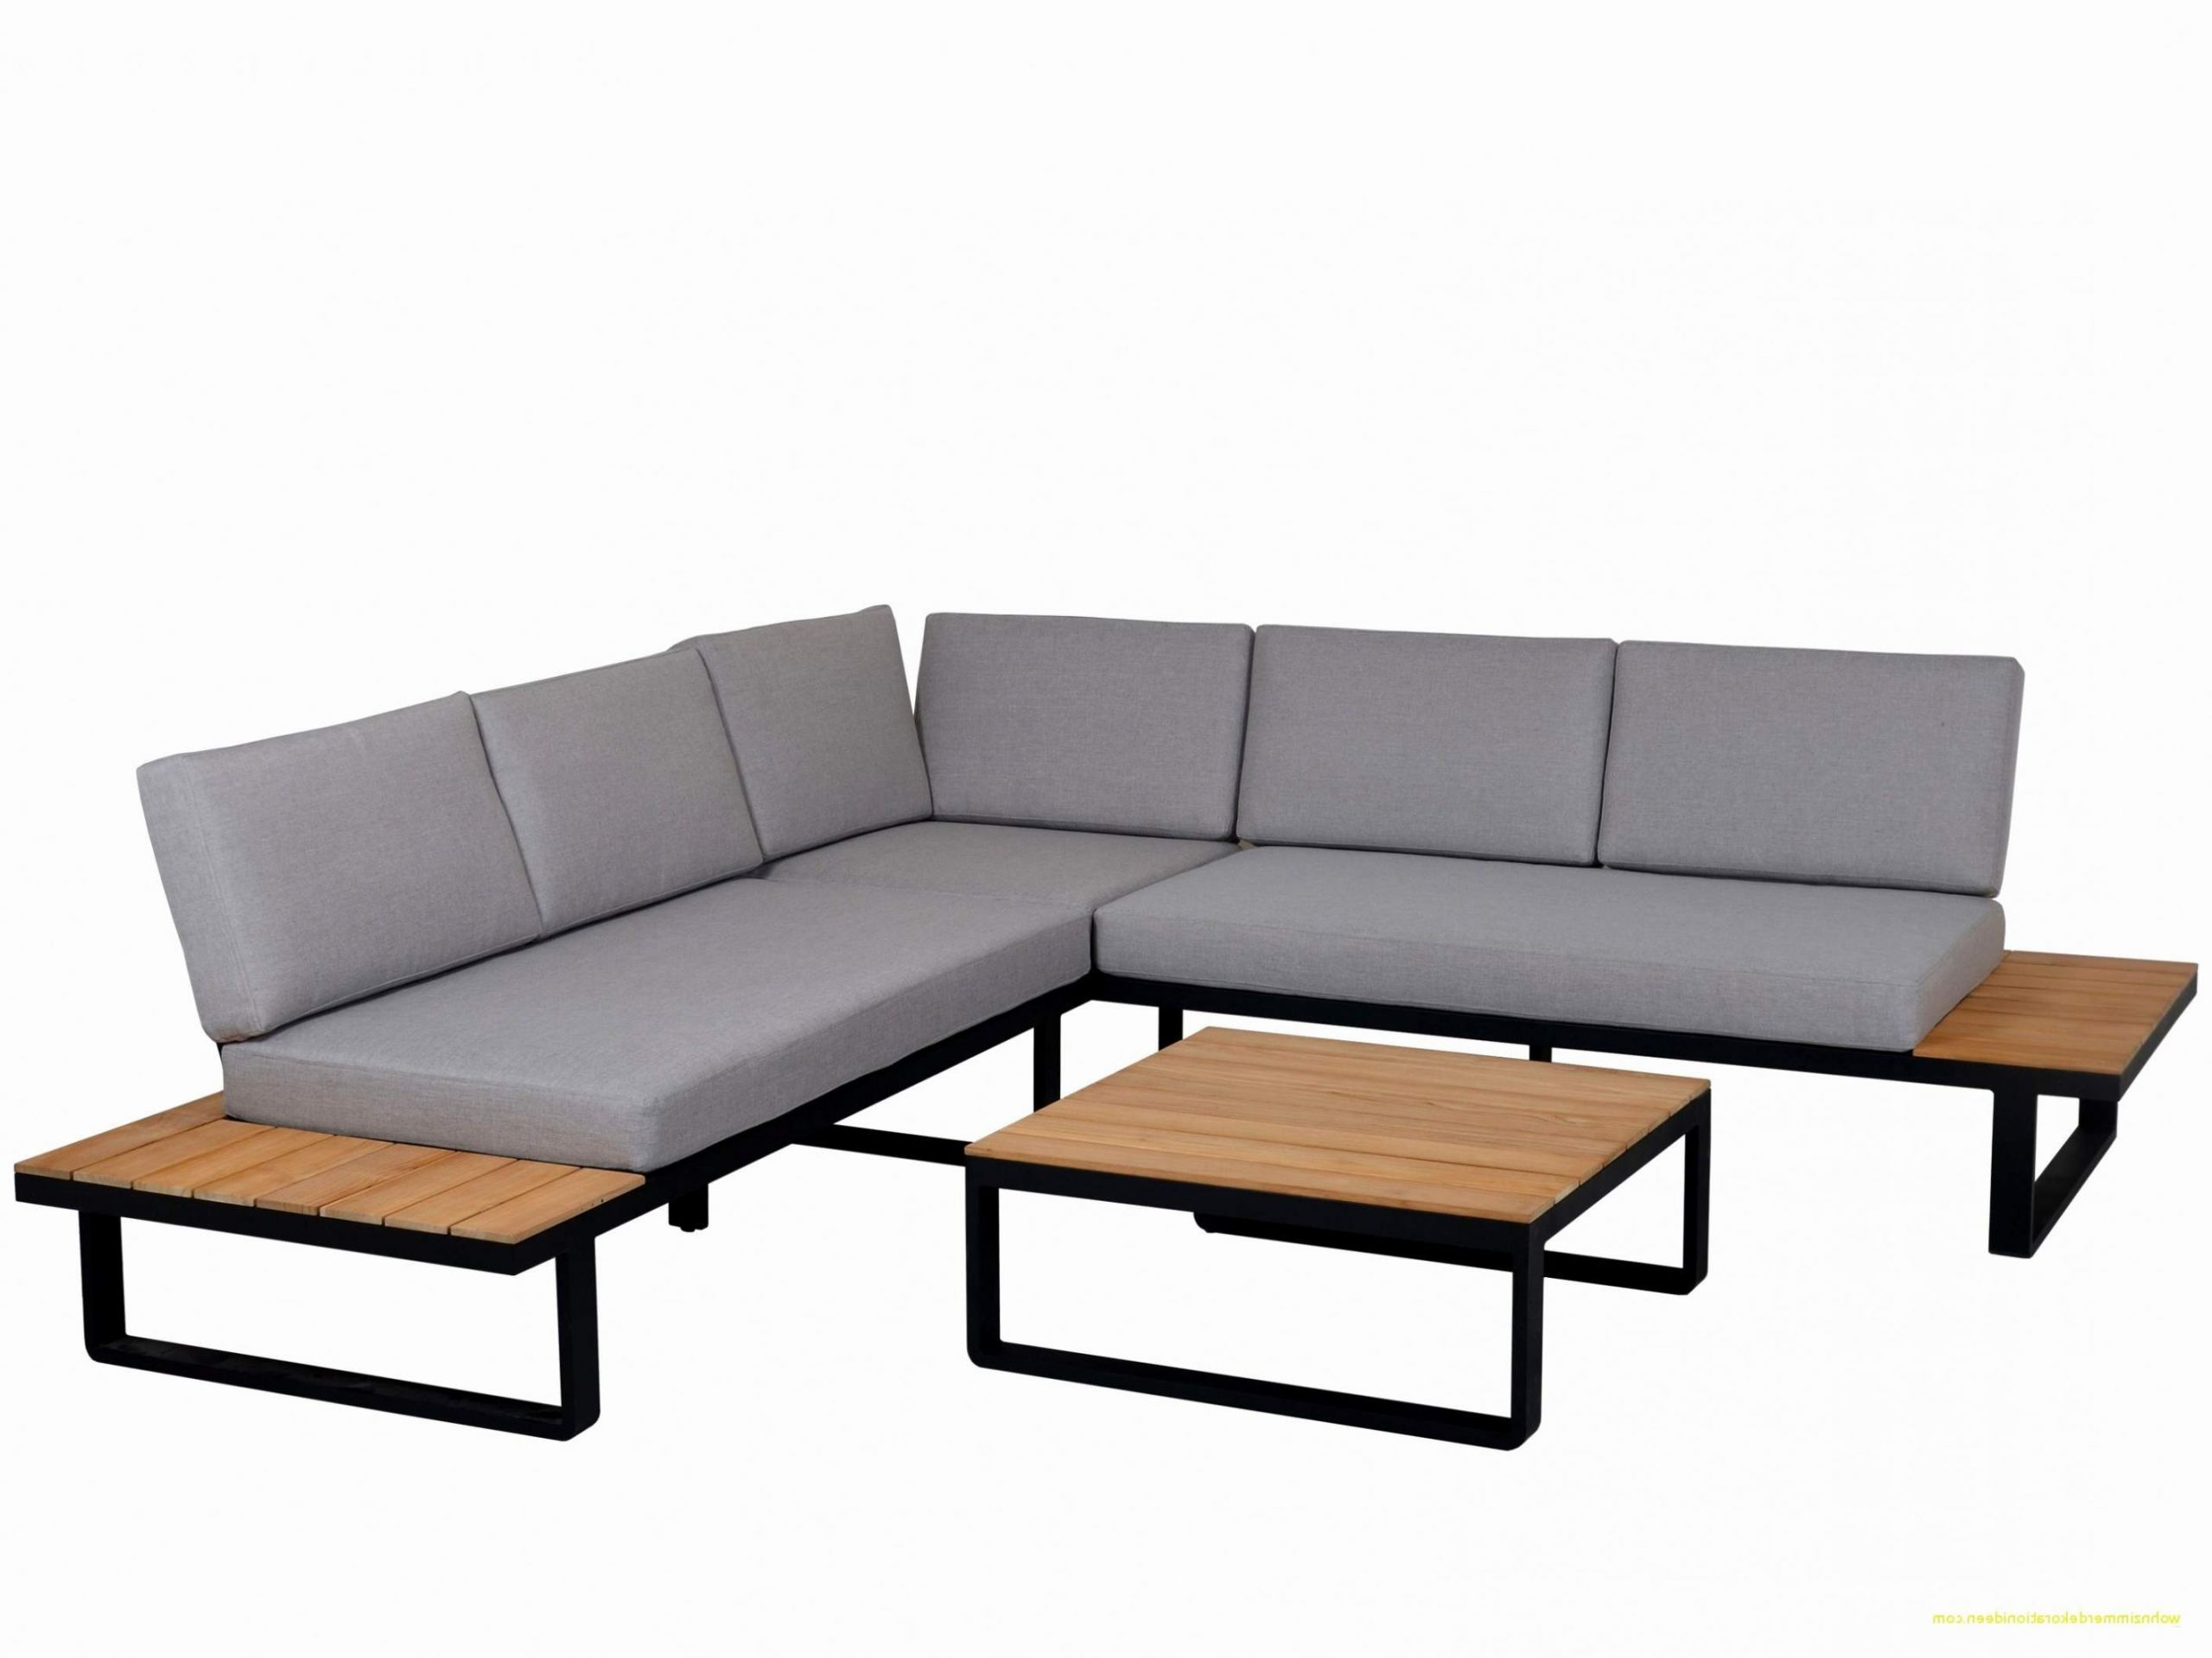 Relaxstuhl Garten Elegant 42 Von Loungesessel Polyrattan Ideen